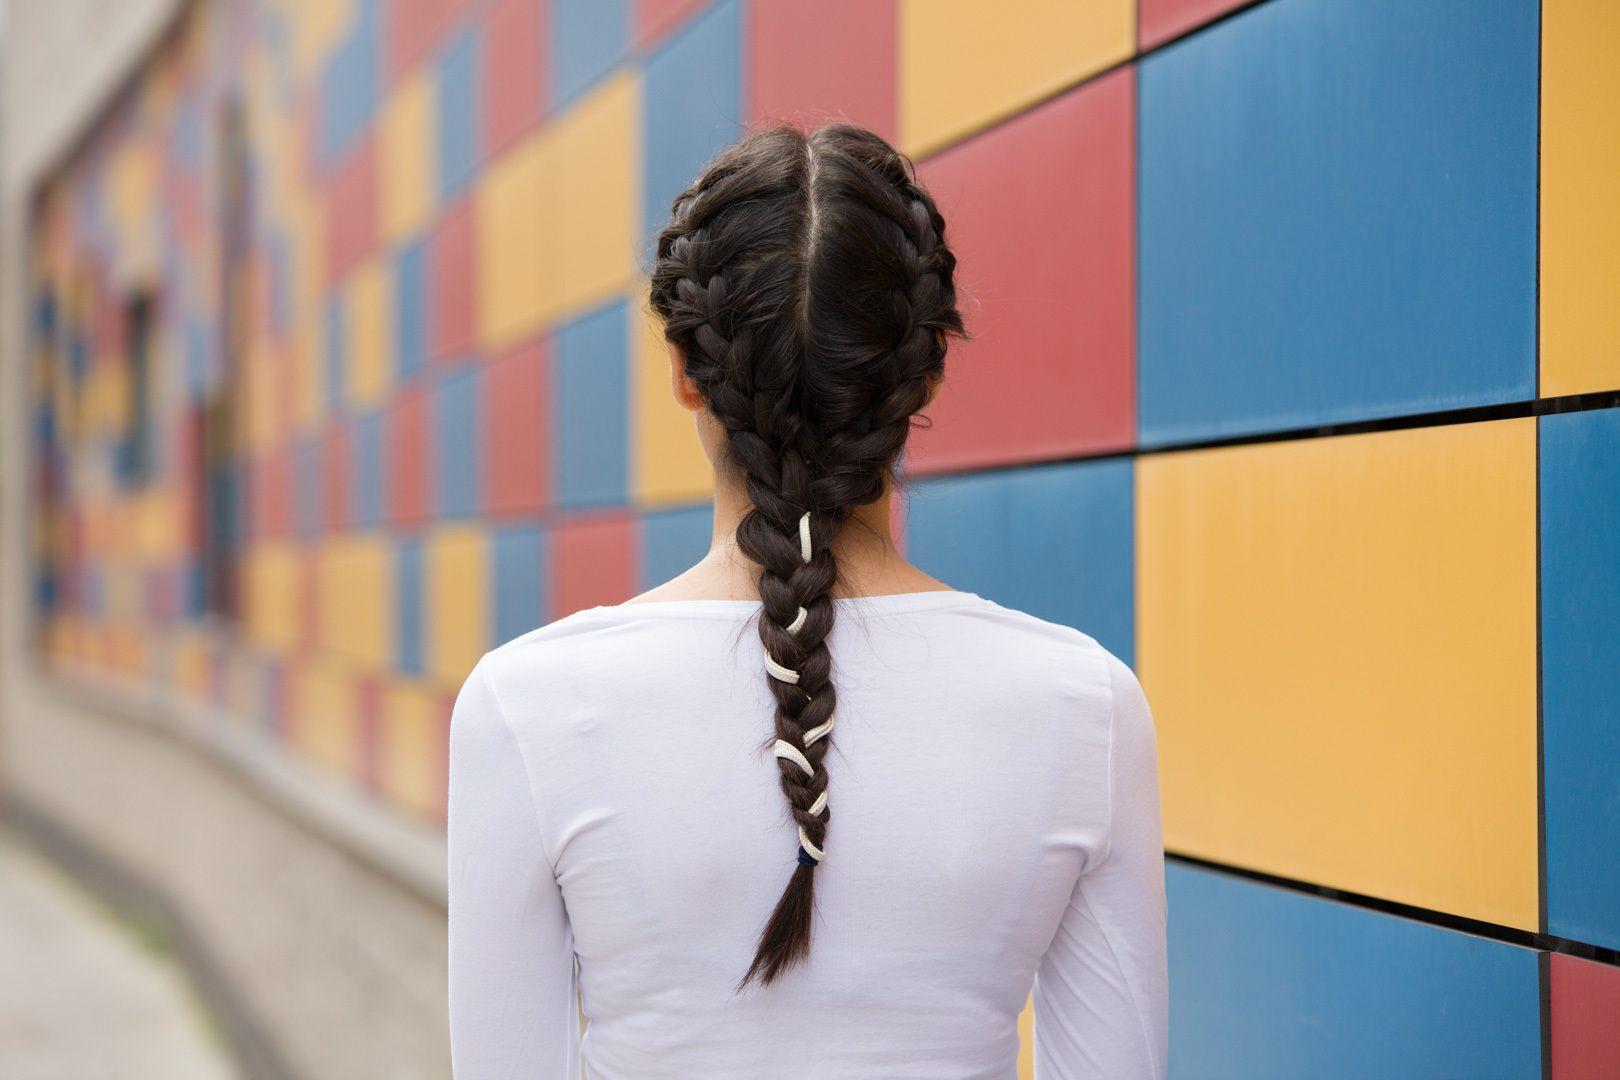 Wanita kaukasia dengan rambut hitam gelap dan gaya rambut double french braids menghadap ke belakang